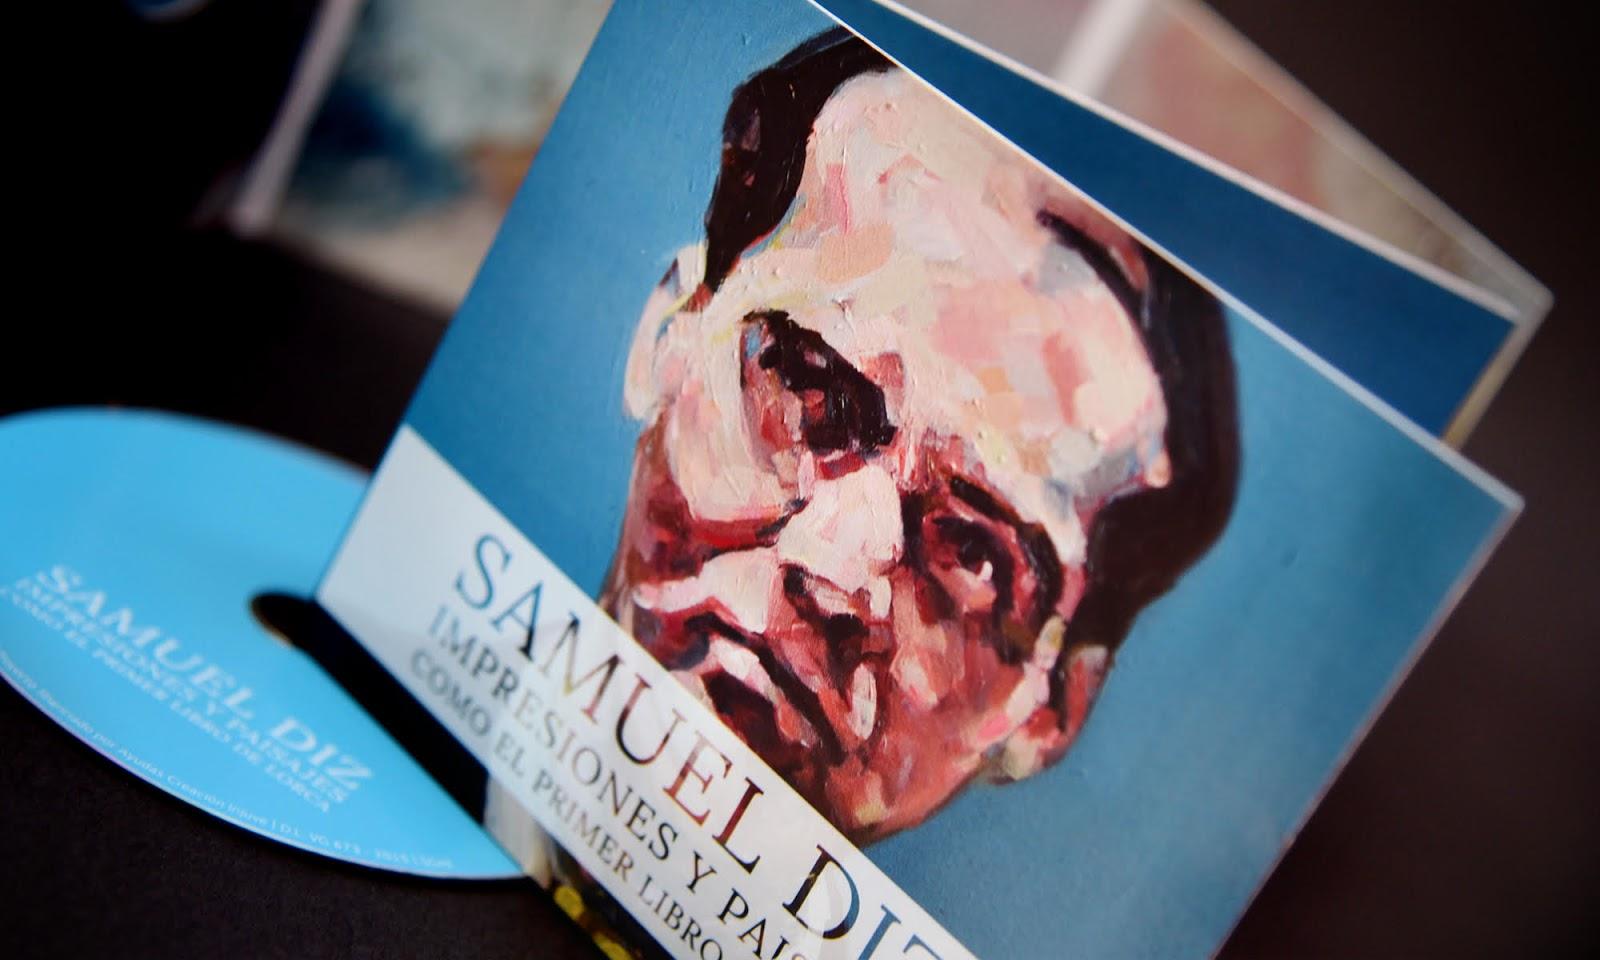 Discografía: Impresiones y paisajes, como el primer libro de Lorca.